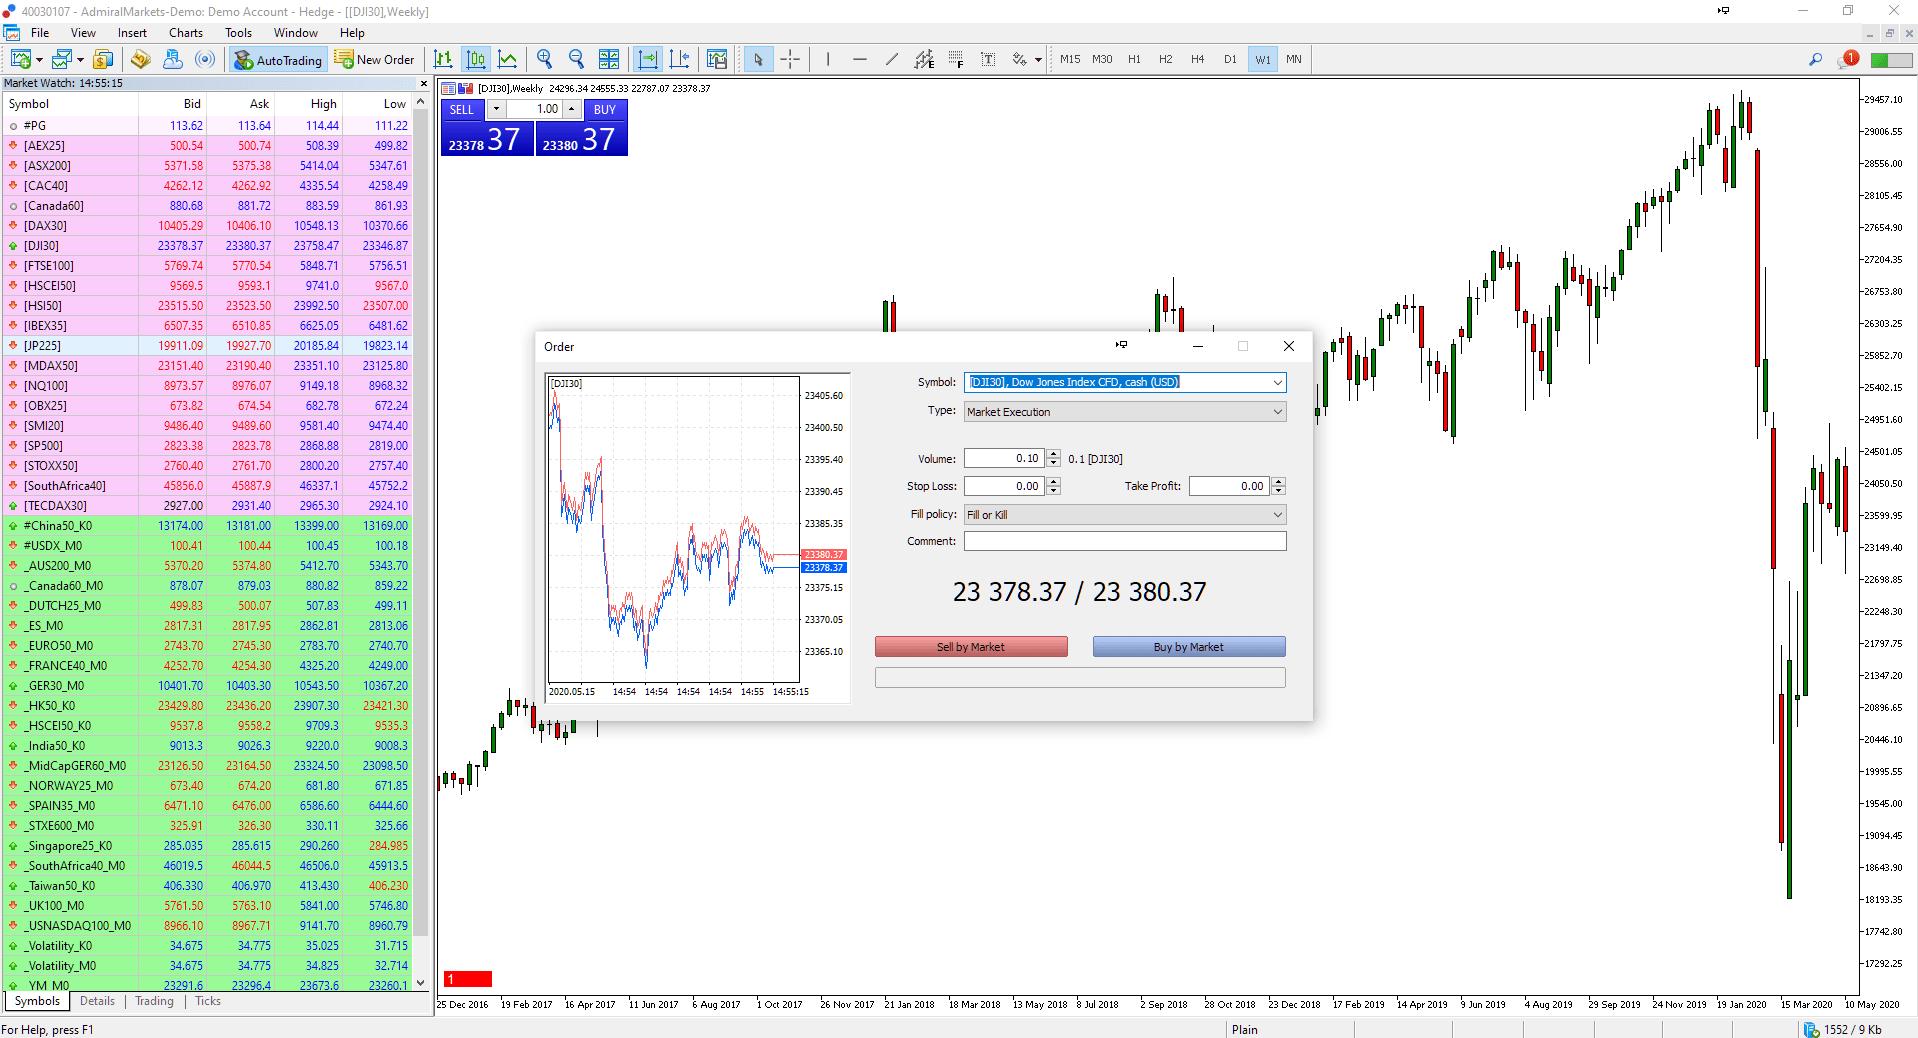 Tőzsdei kereskedés - Tőzsdei kereskedés - Money Coin